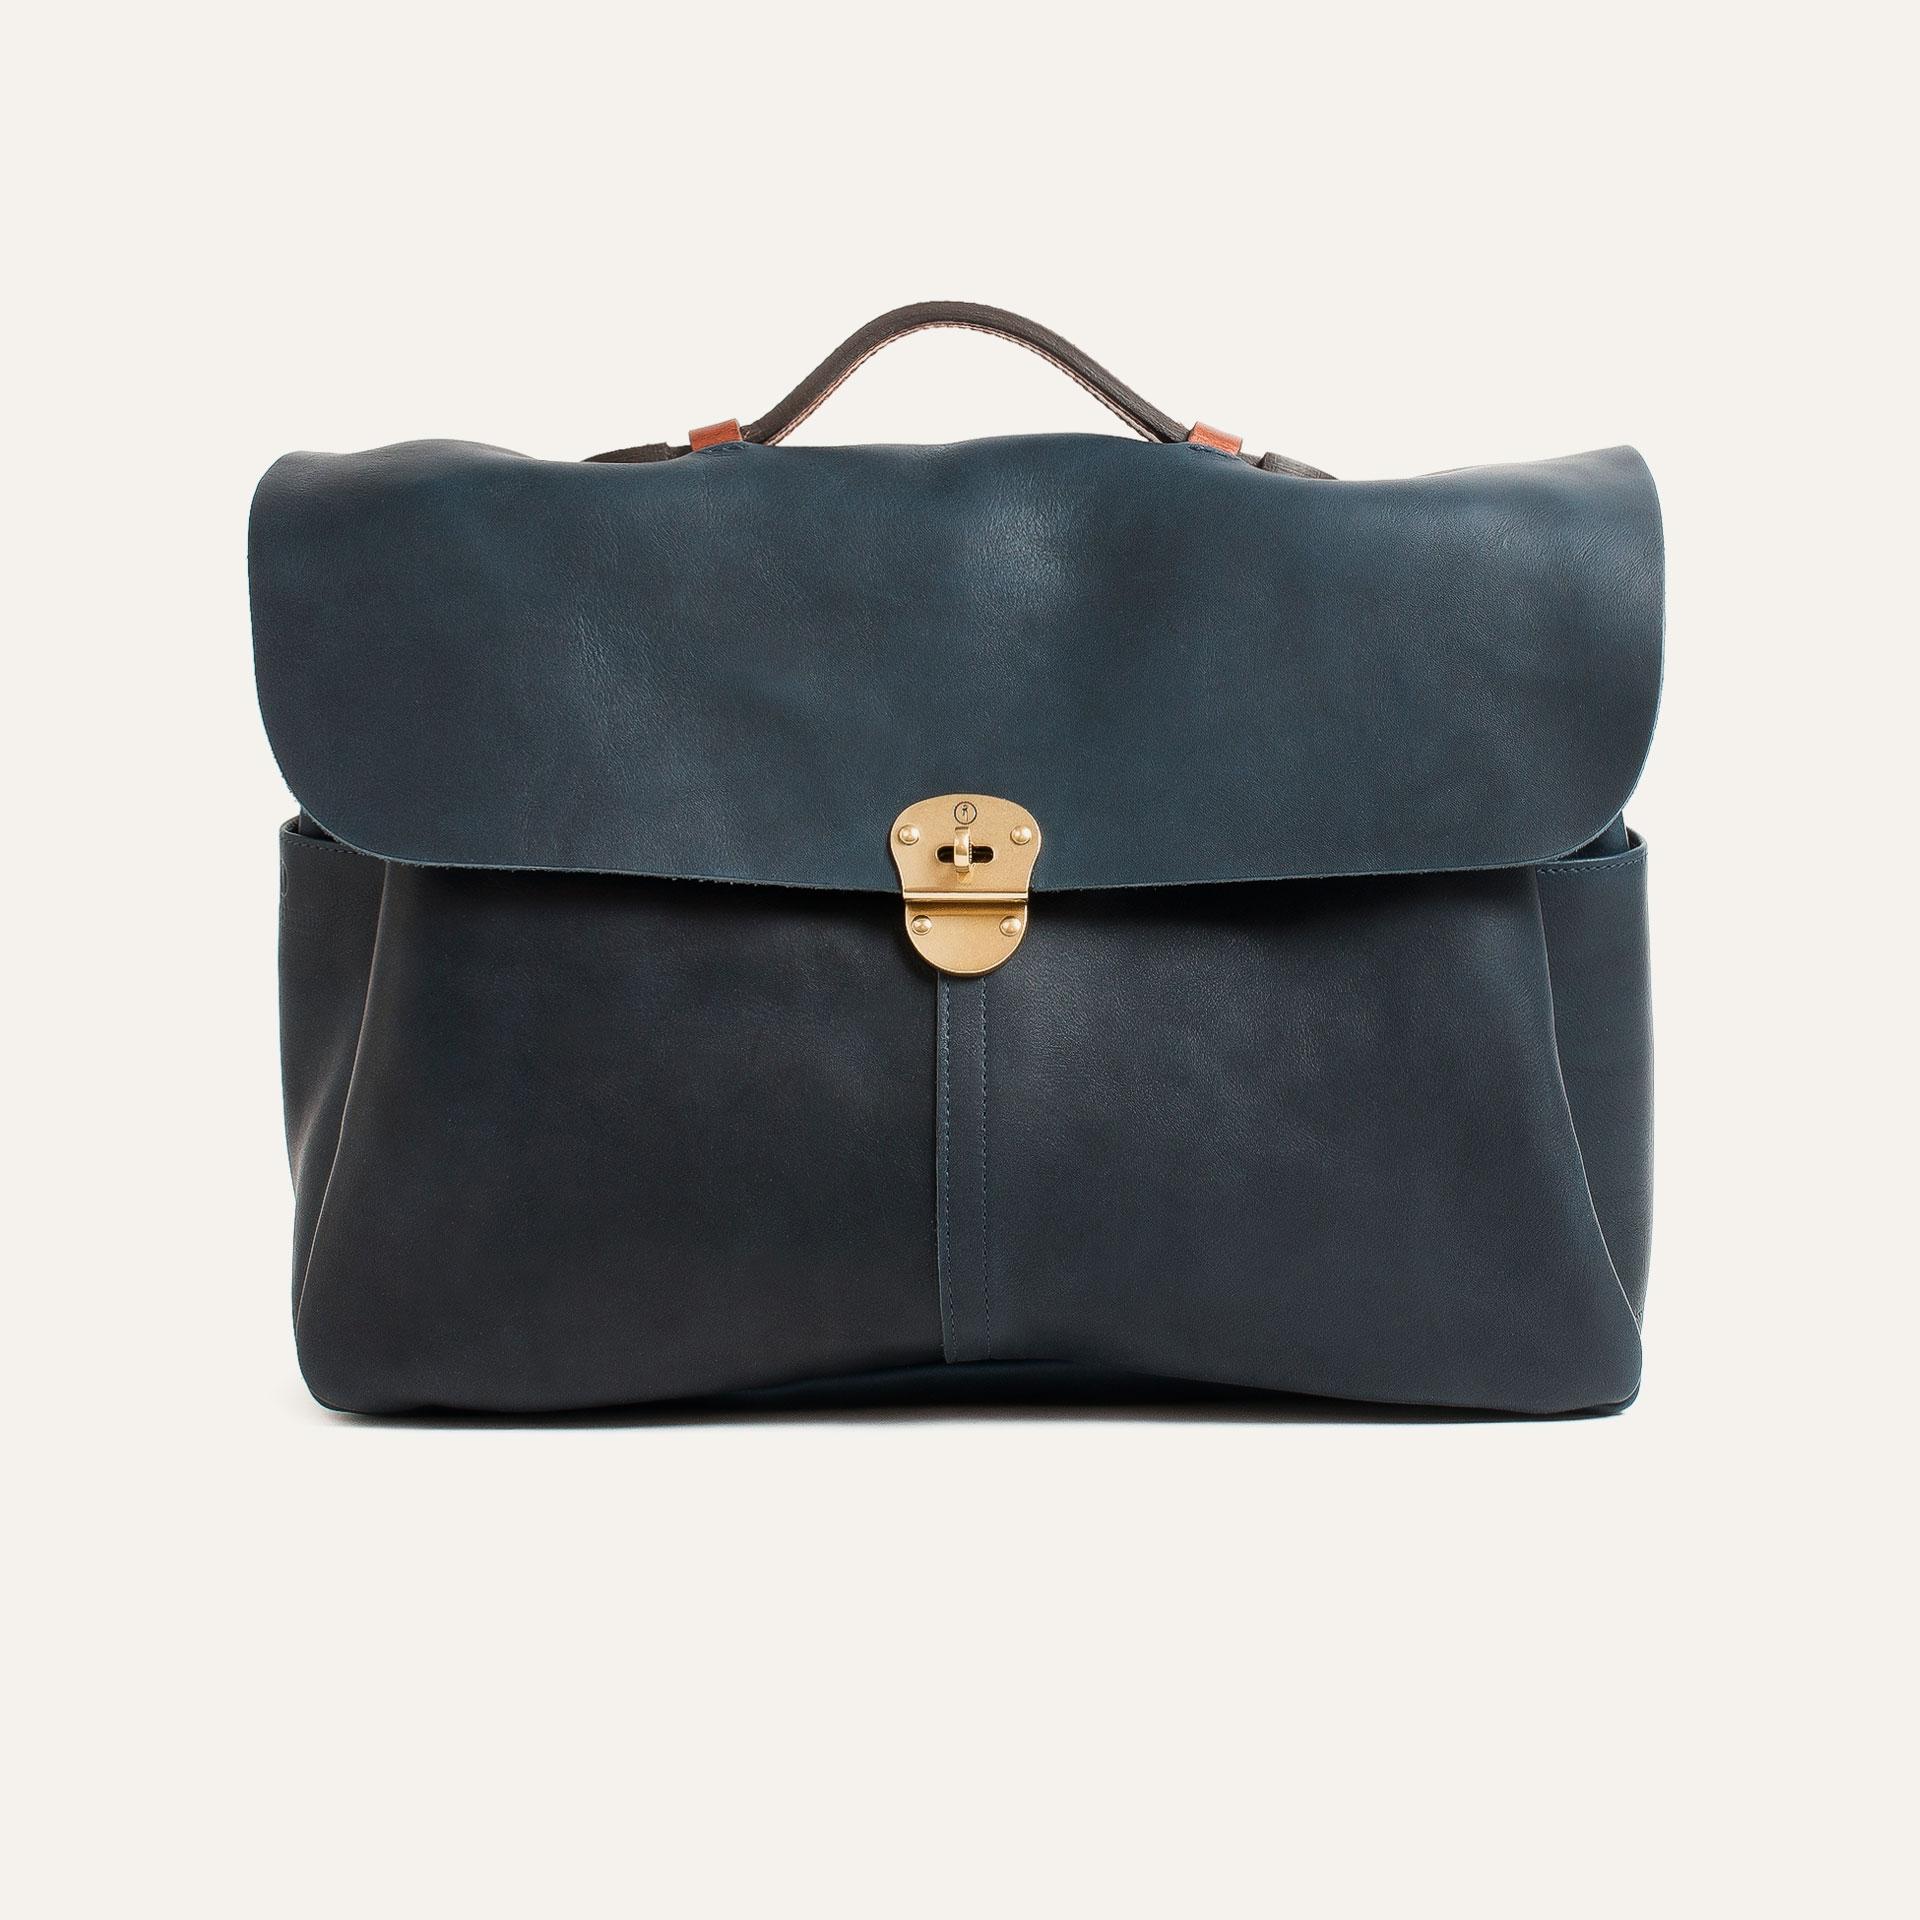 Charles bag - Navy Blue (image n°1)